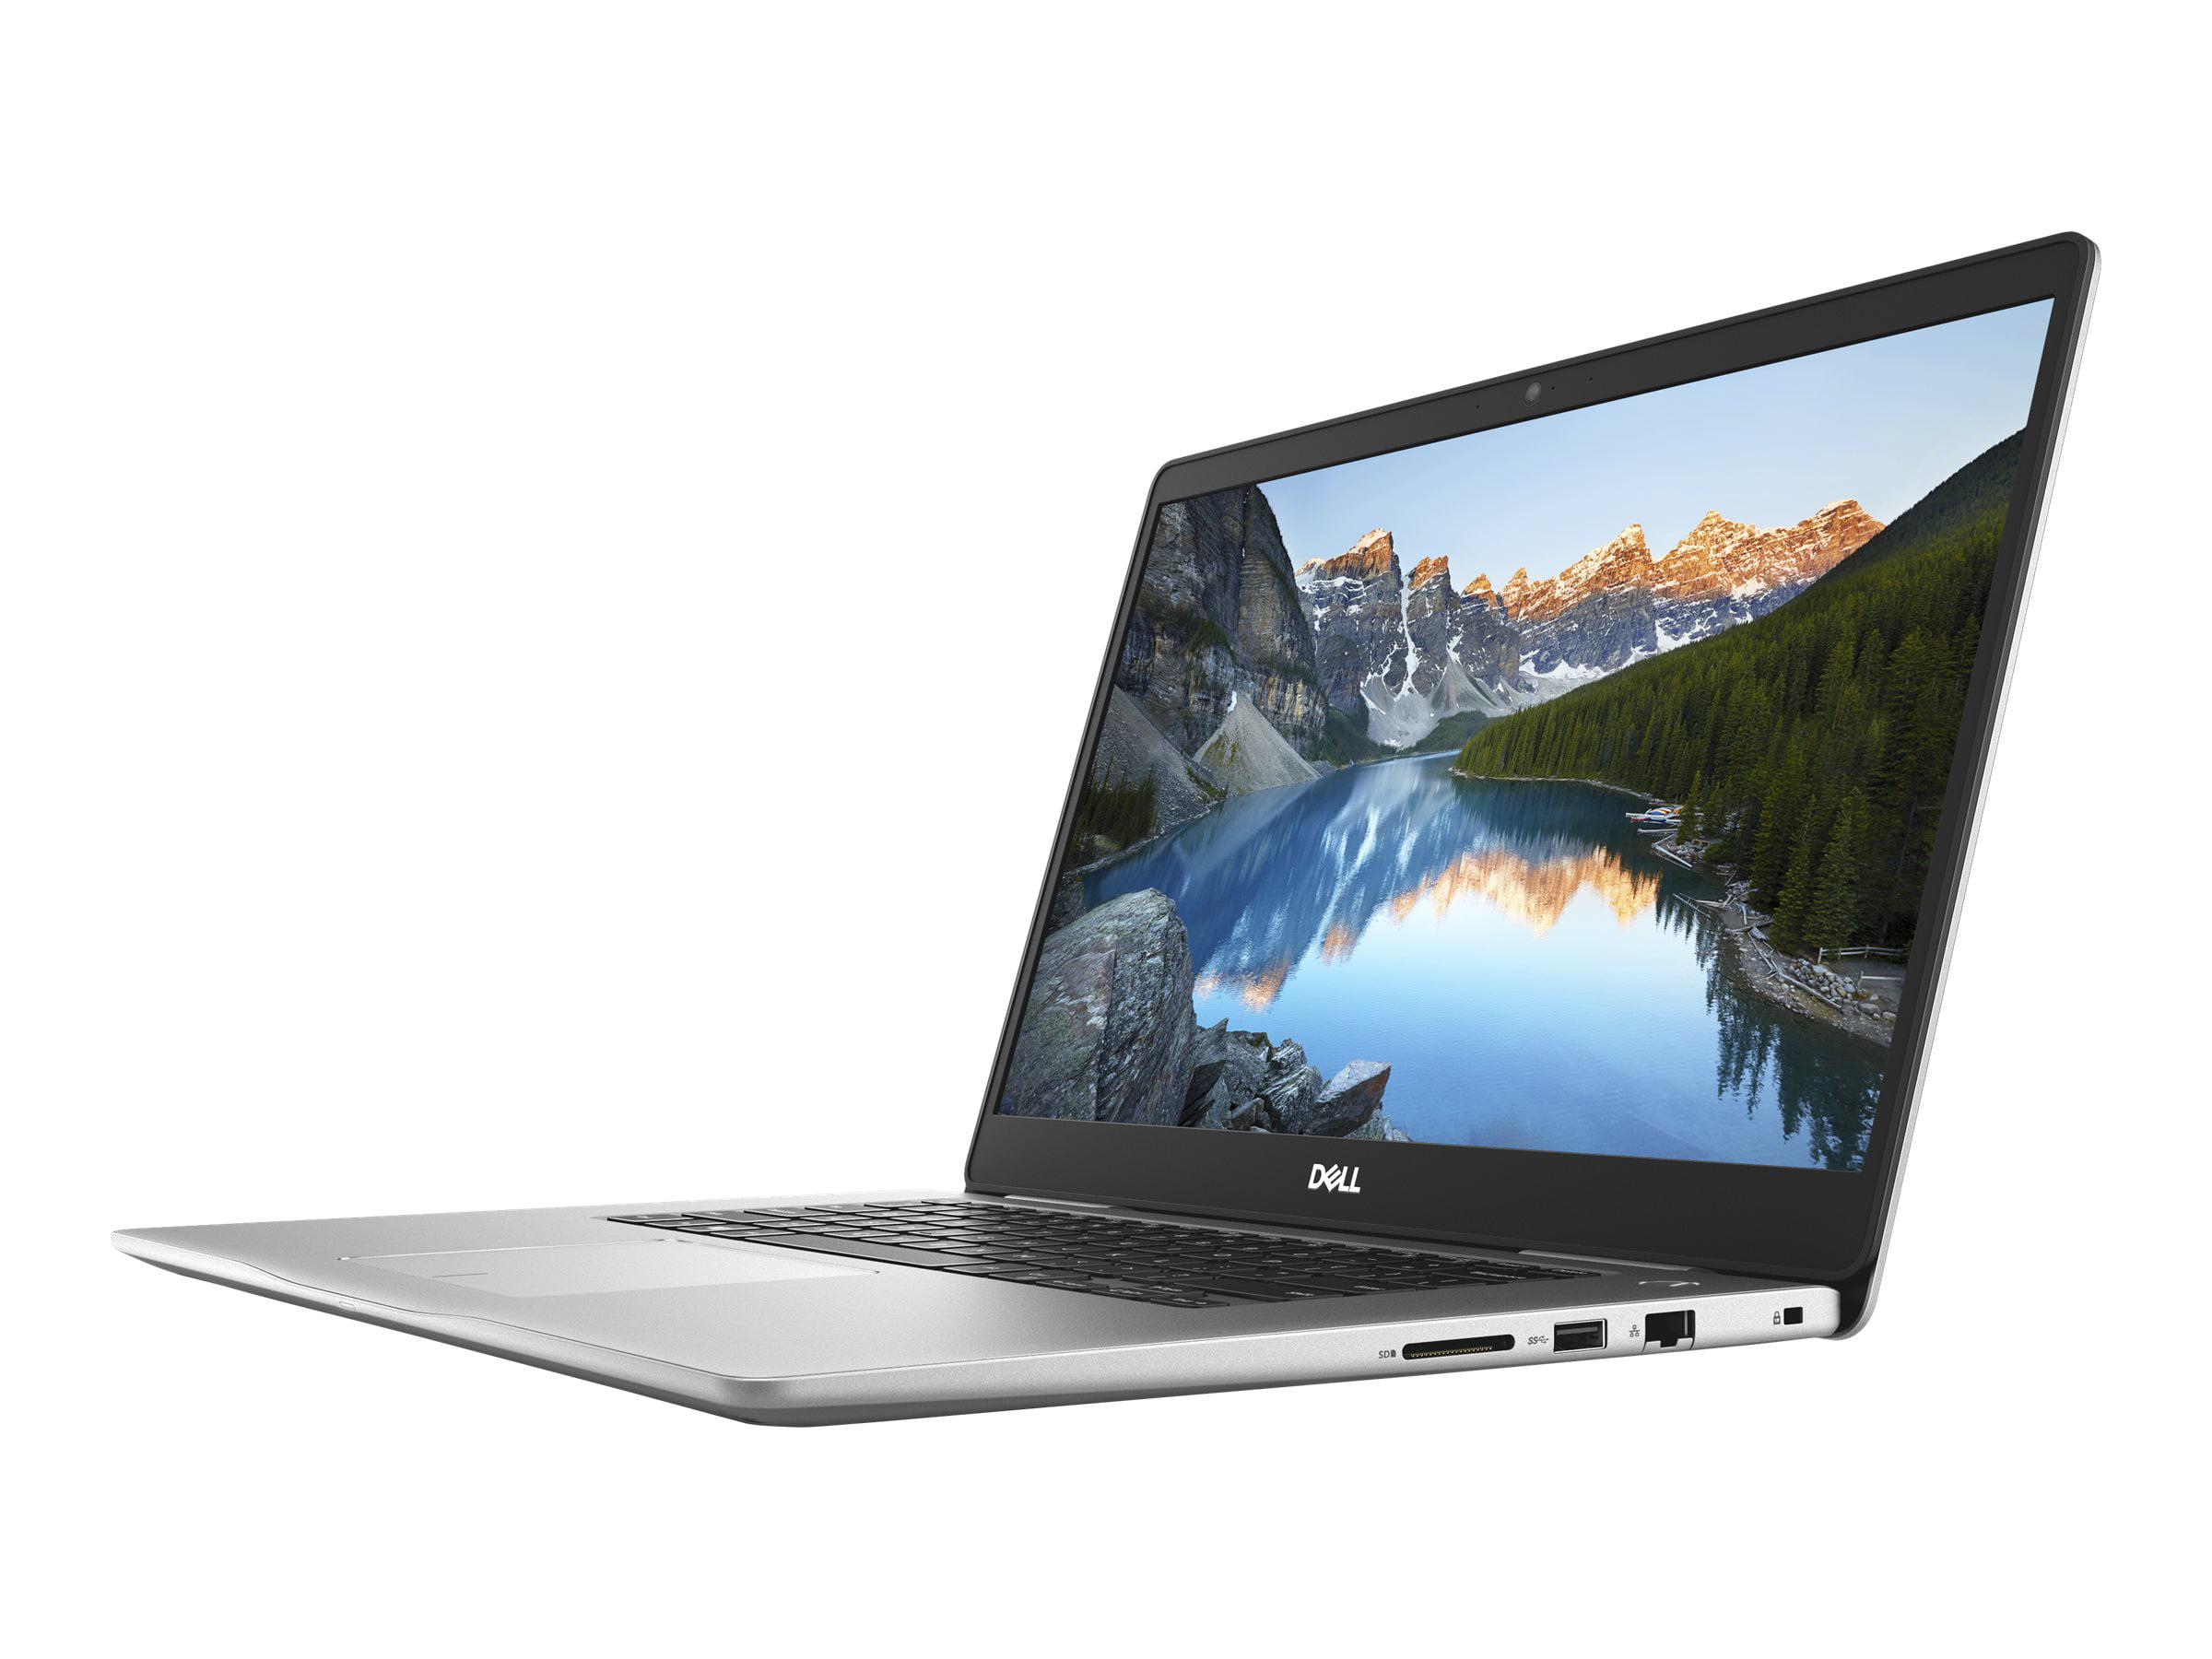 Dell Inspiron 15 7000 Laptop, i7570-7033SLV, 15 6'' Ultra HD